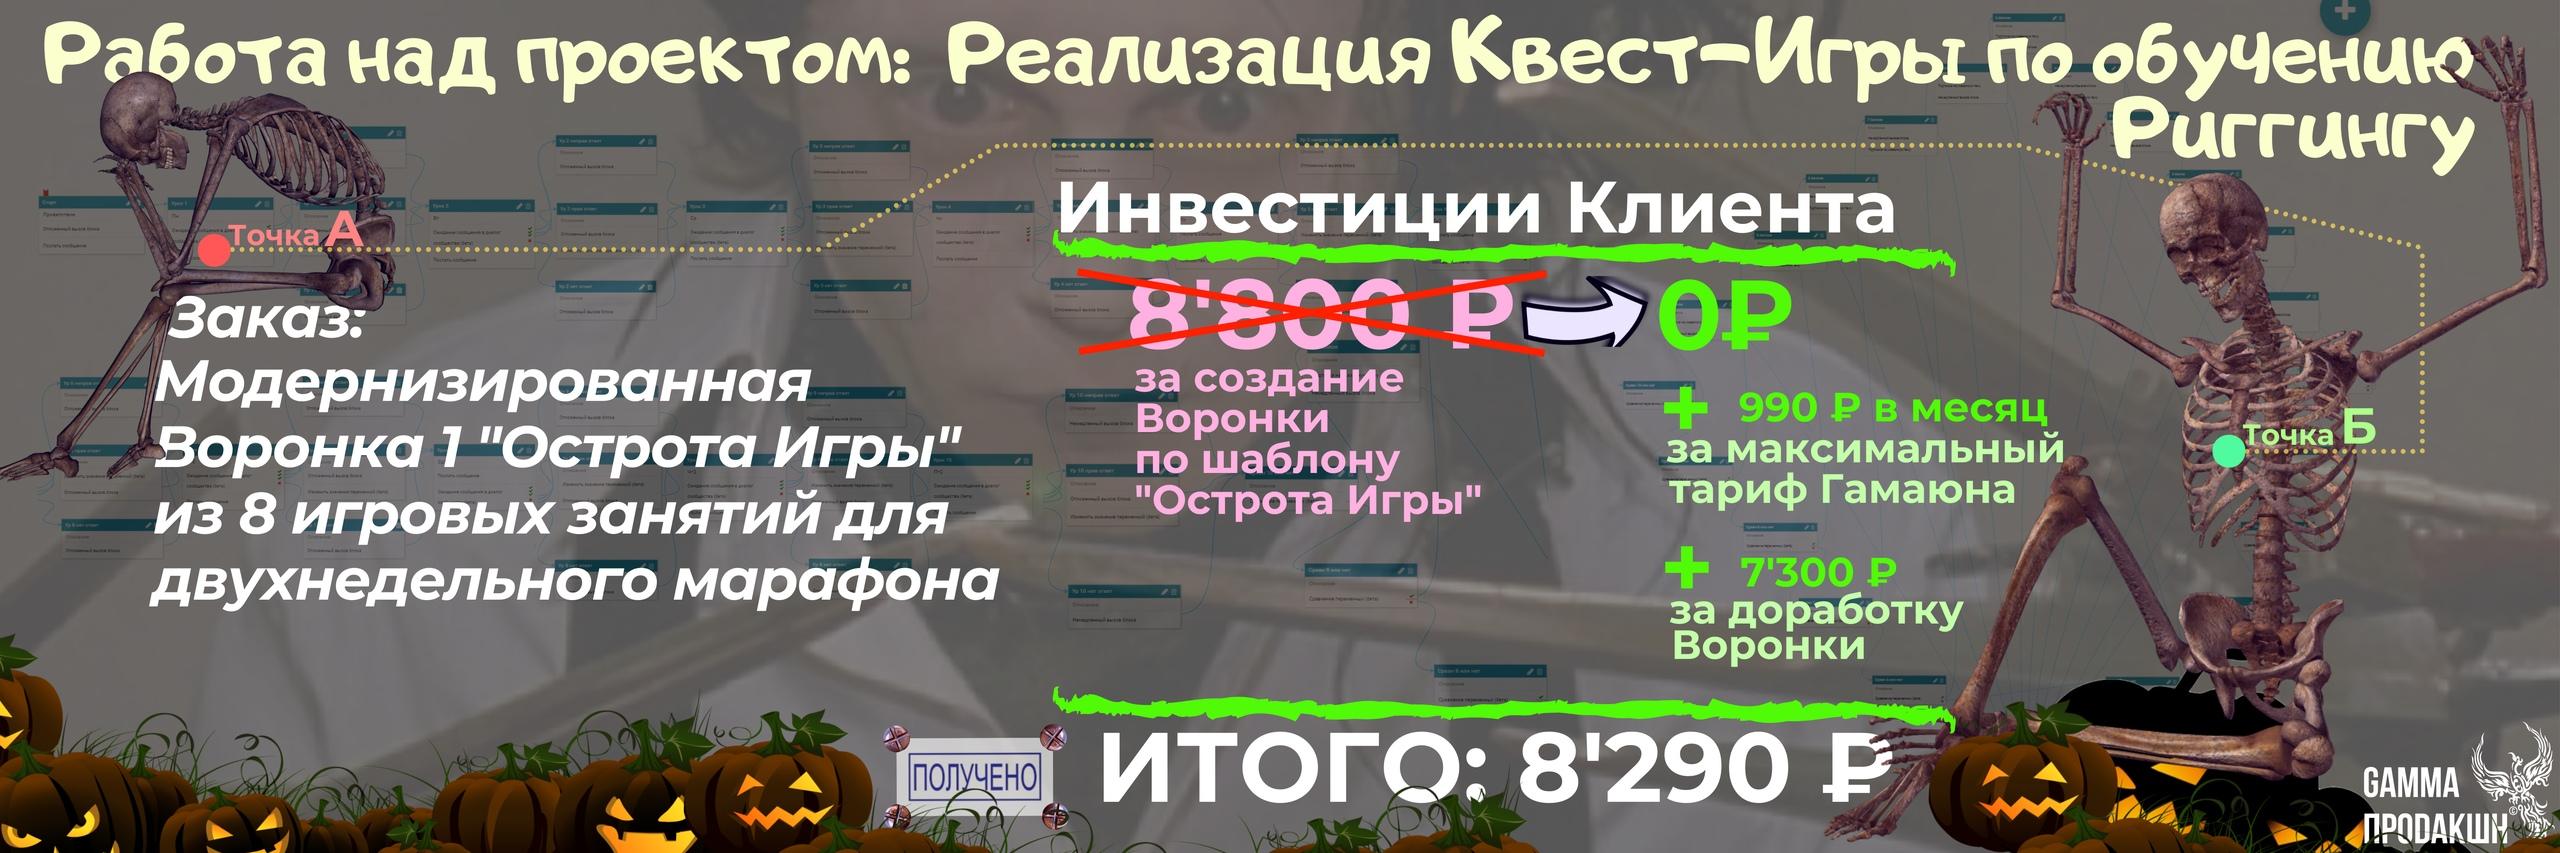 Вместе с оплатой Гамаюна по моей скидке получилось к оплате 8'290 рублей